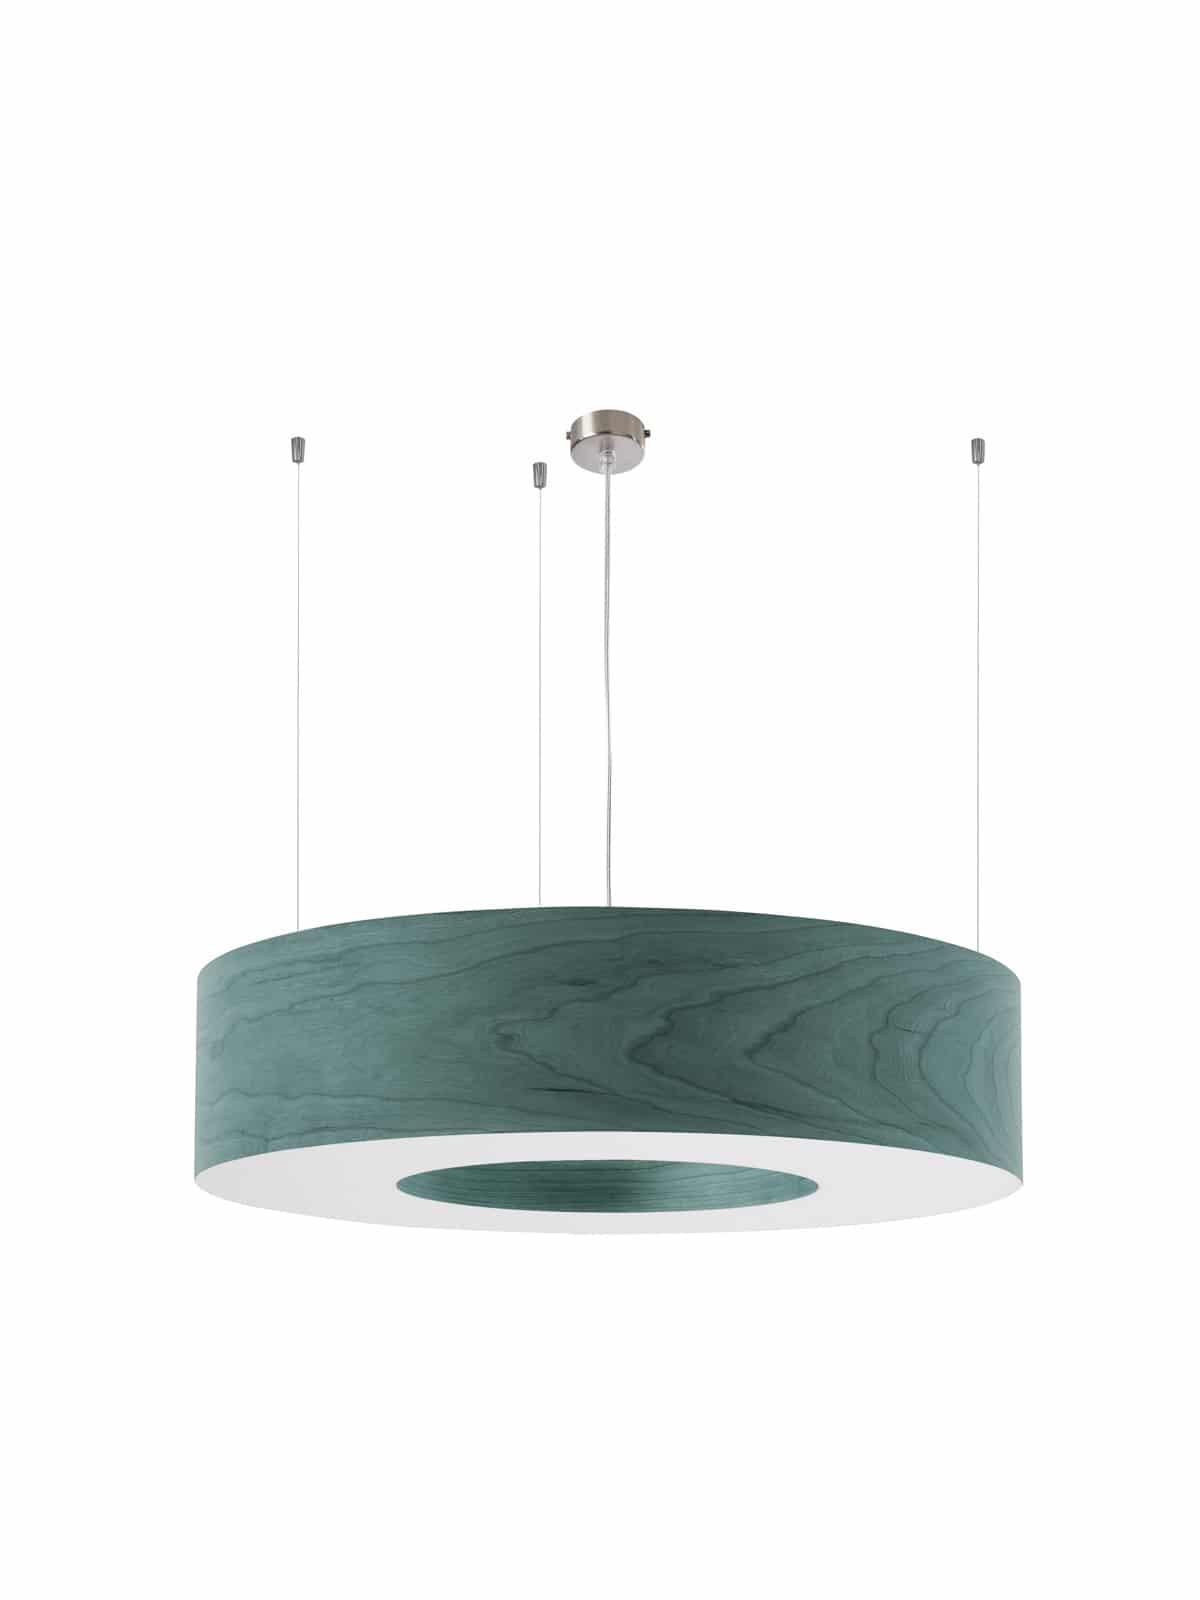 DesignOrt Holzleuchten LZF Saturnia